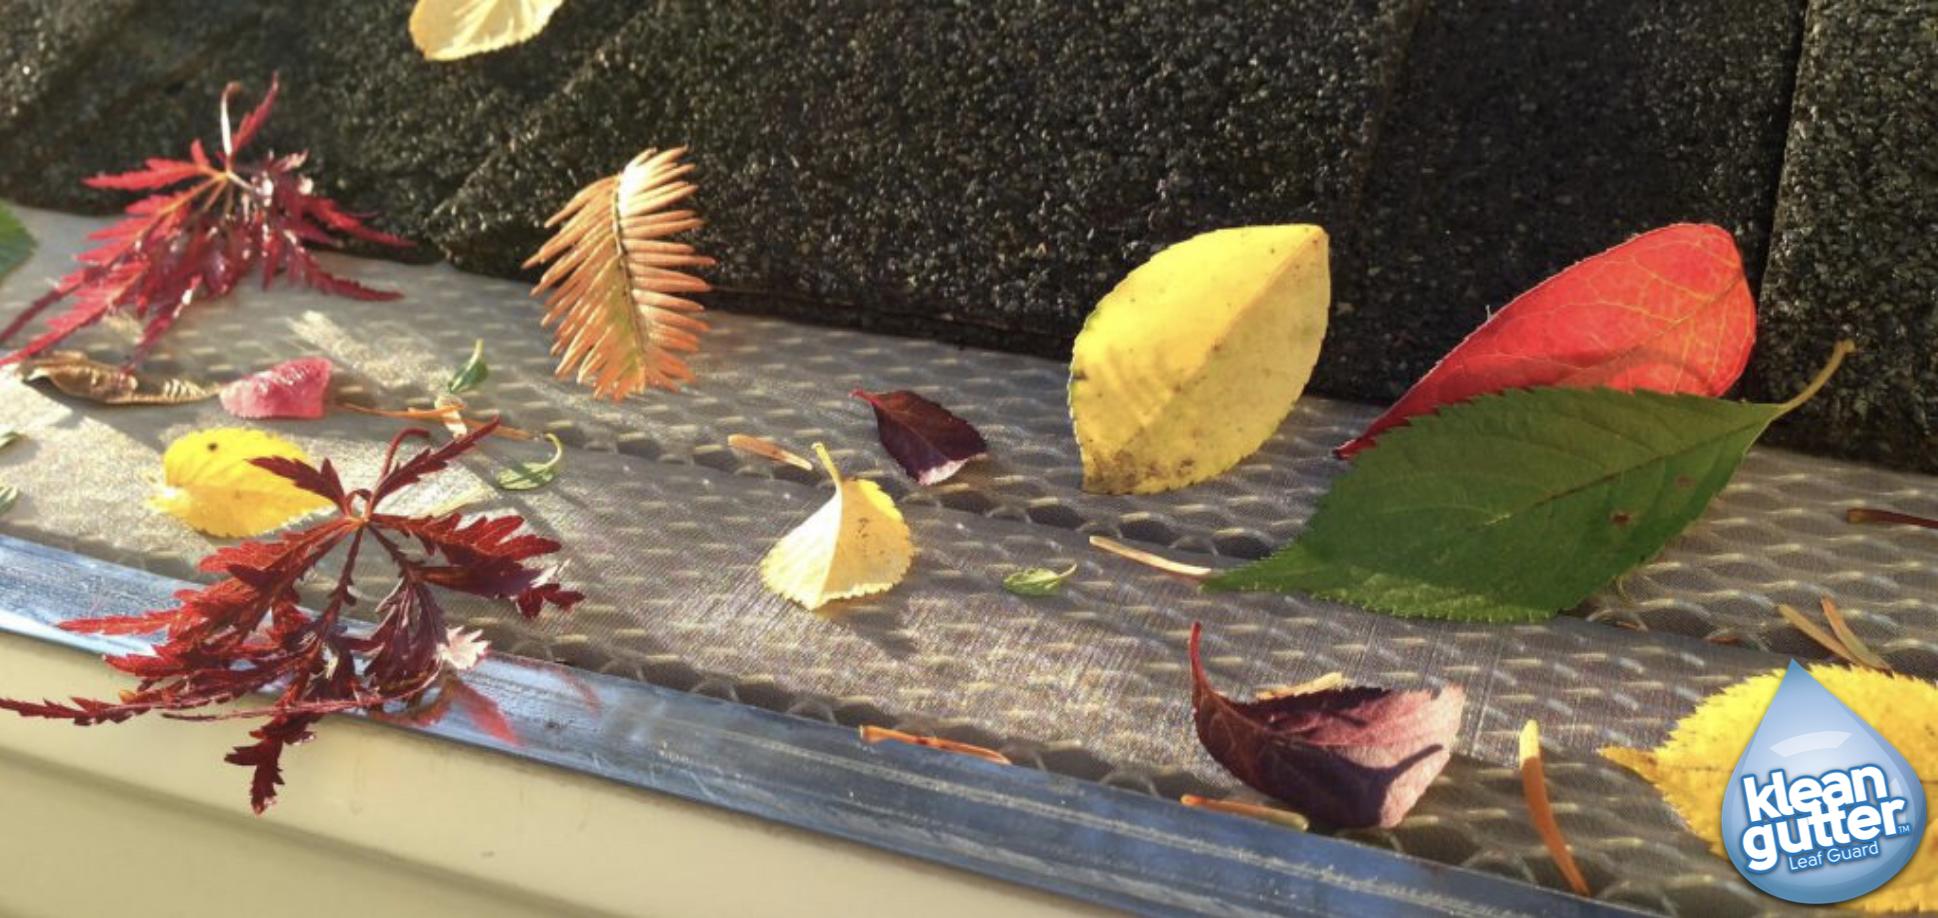 how klean gutter leaf guard works